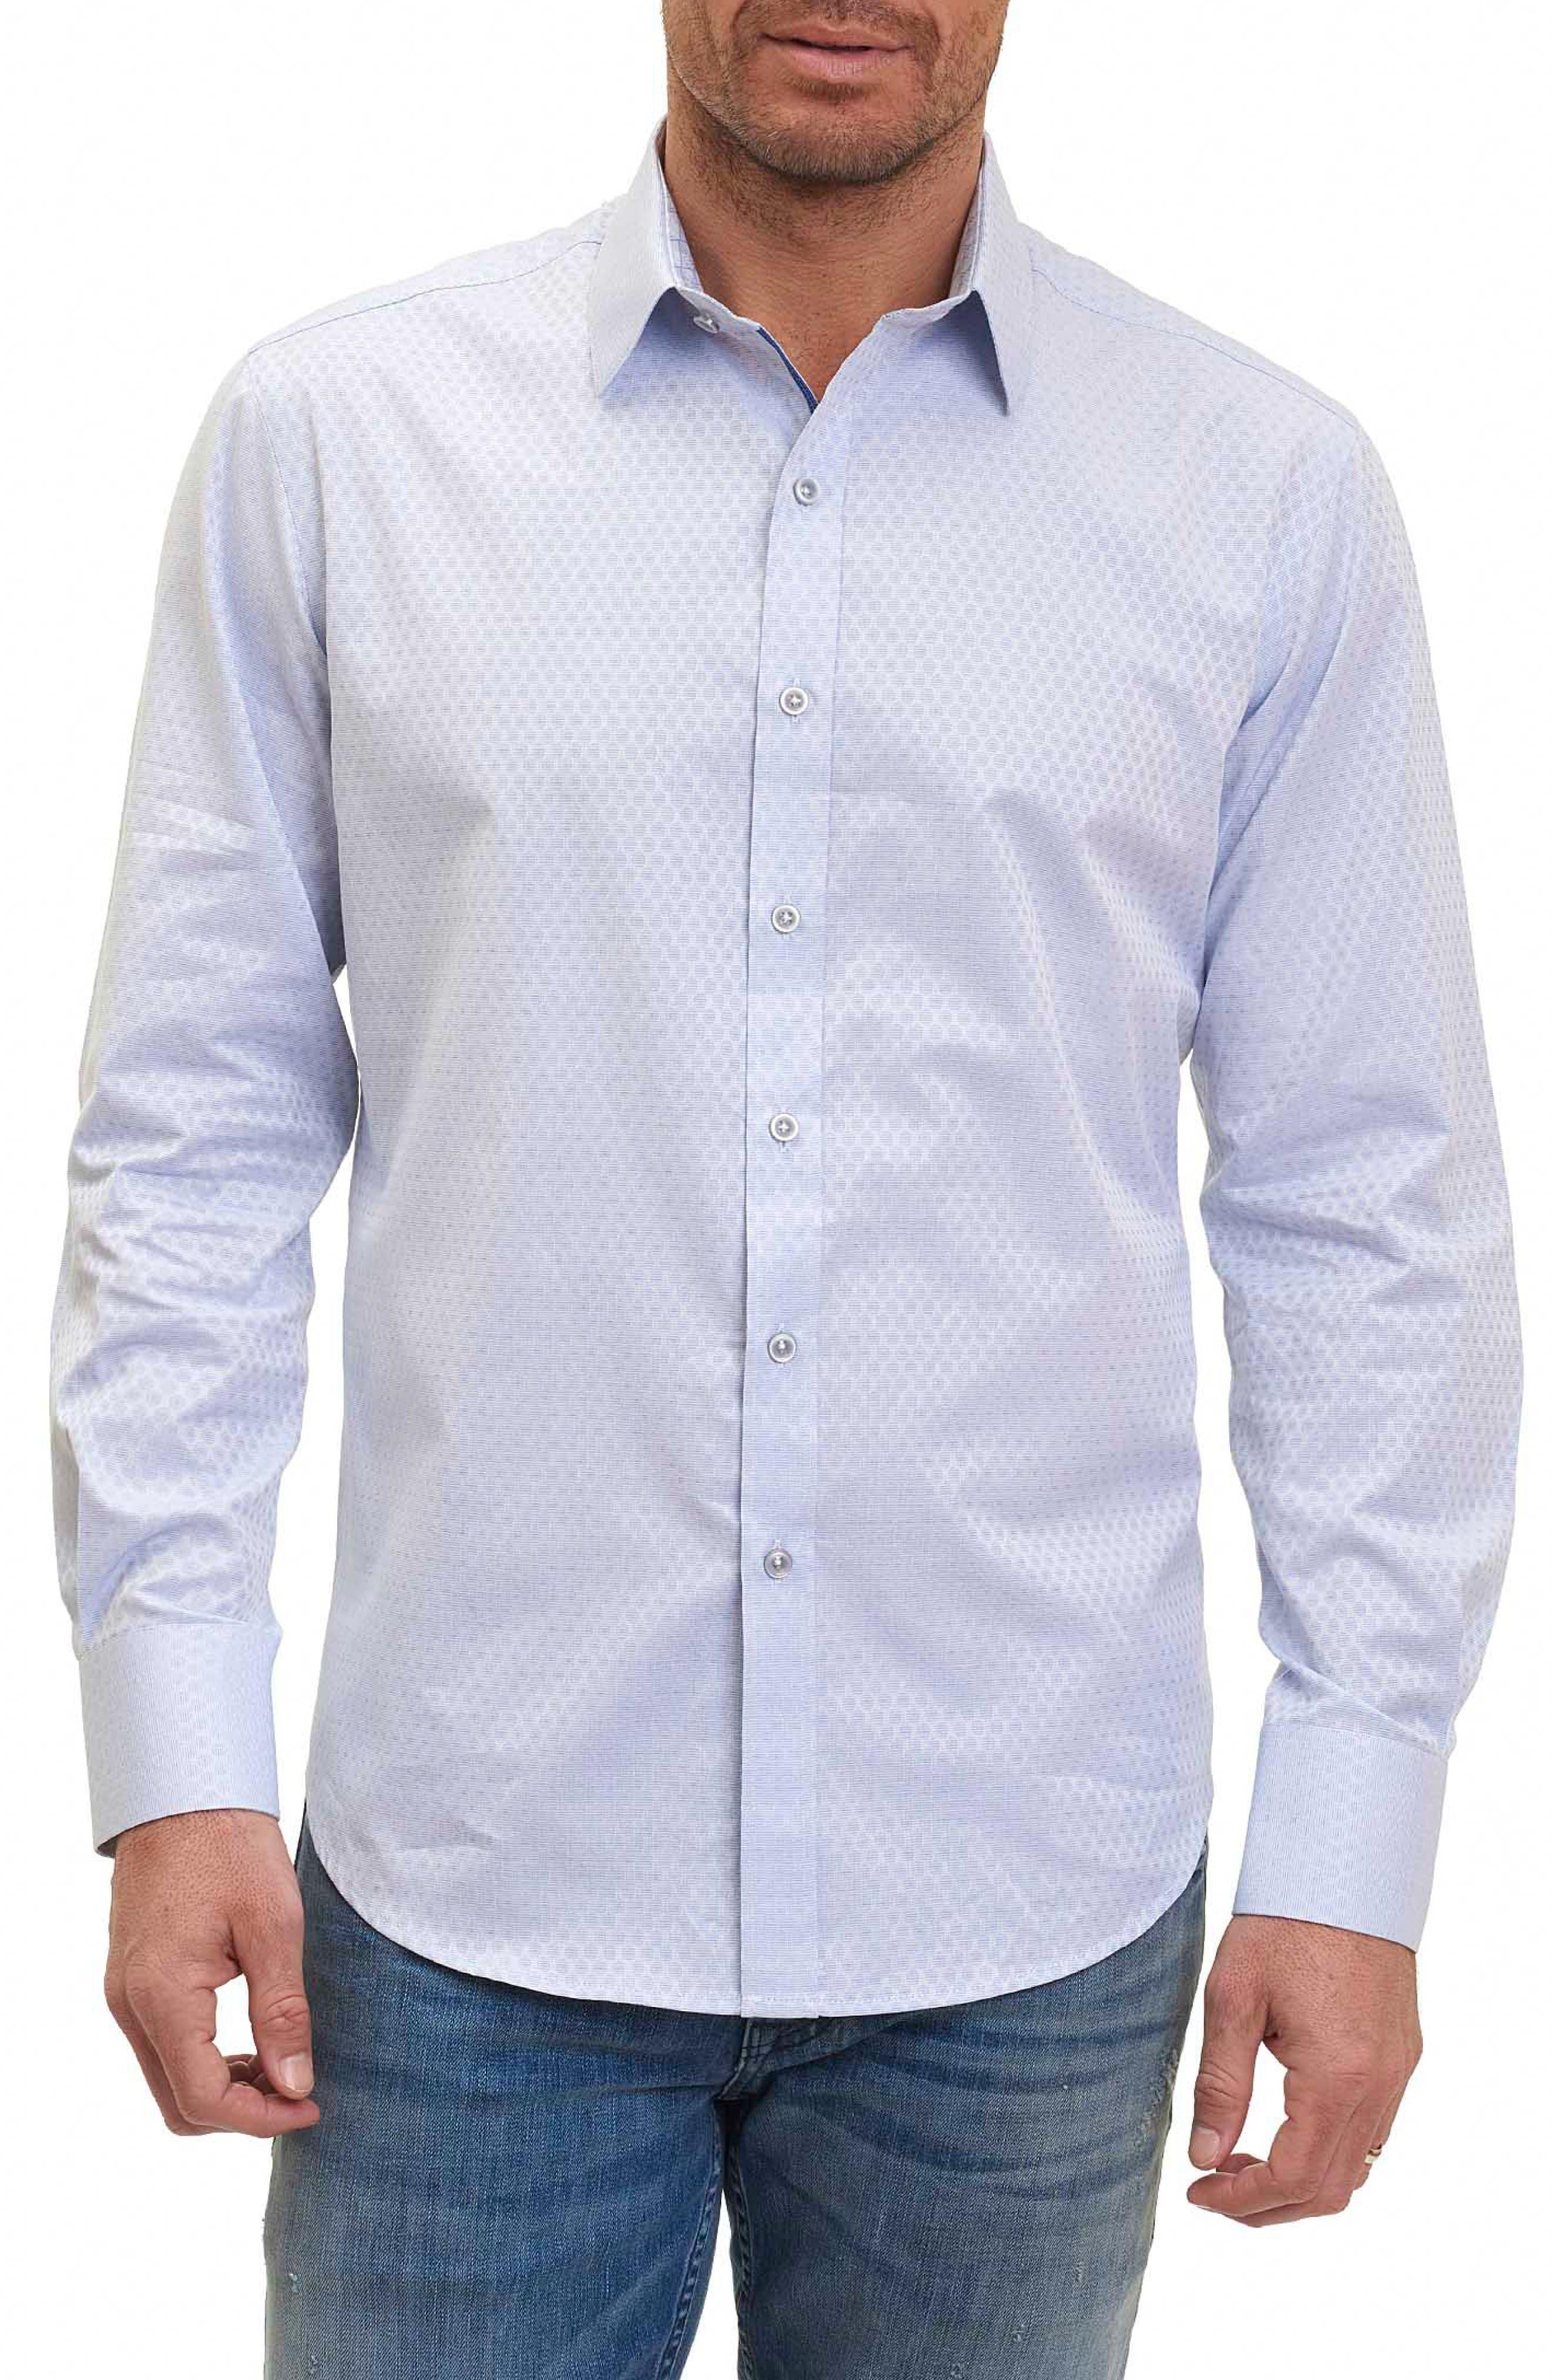 Alternate Image 1 Selected - Robert Graham Classic Fit Print Sport Shirt